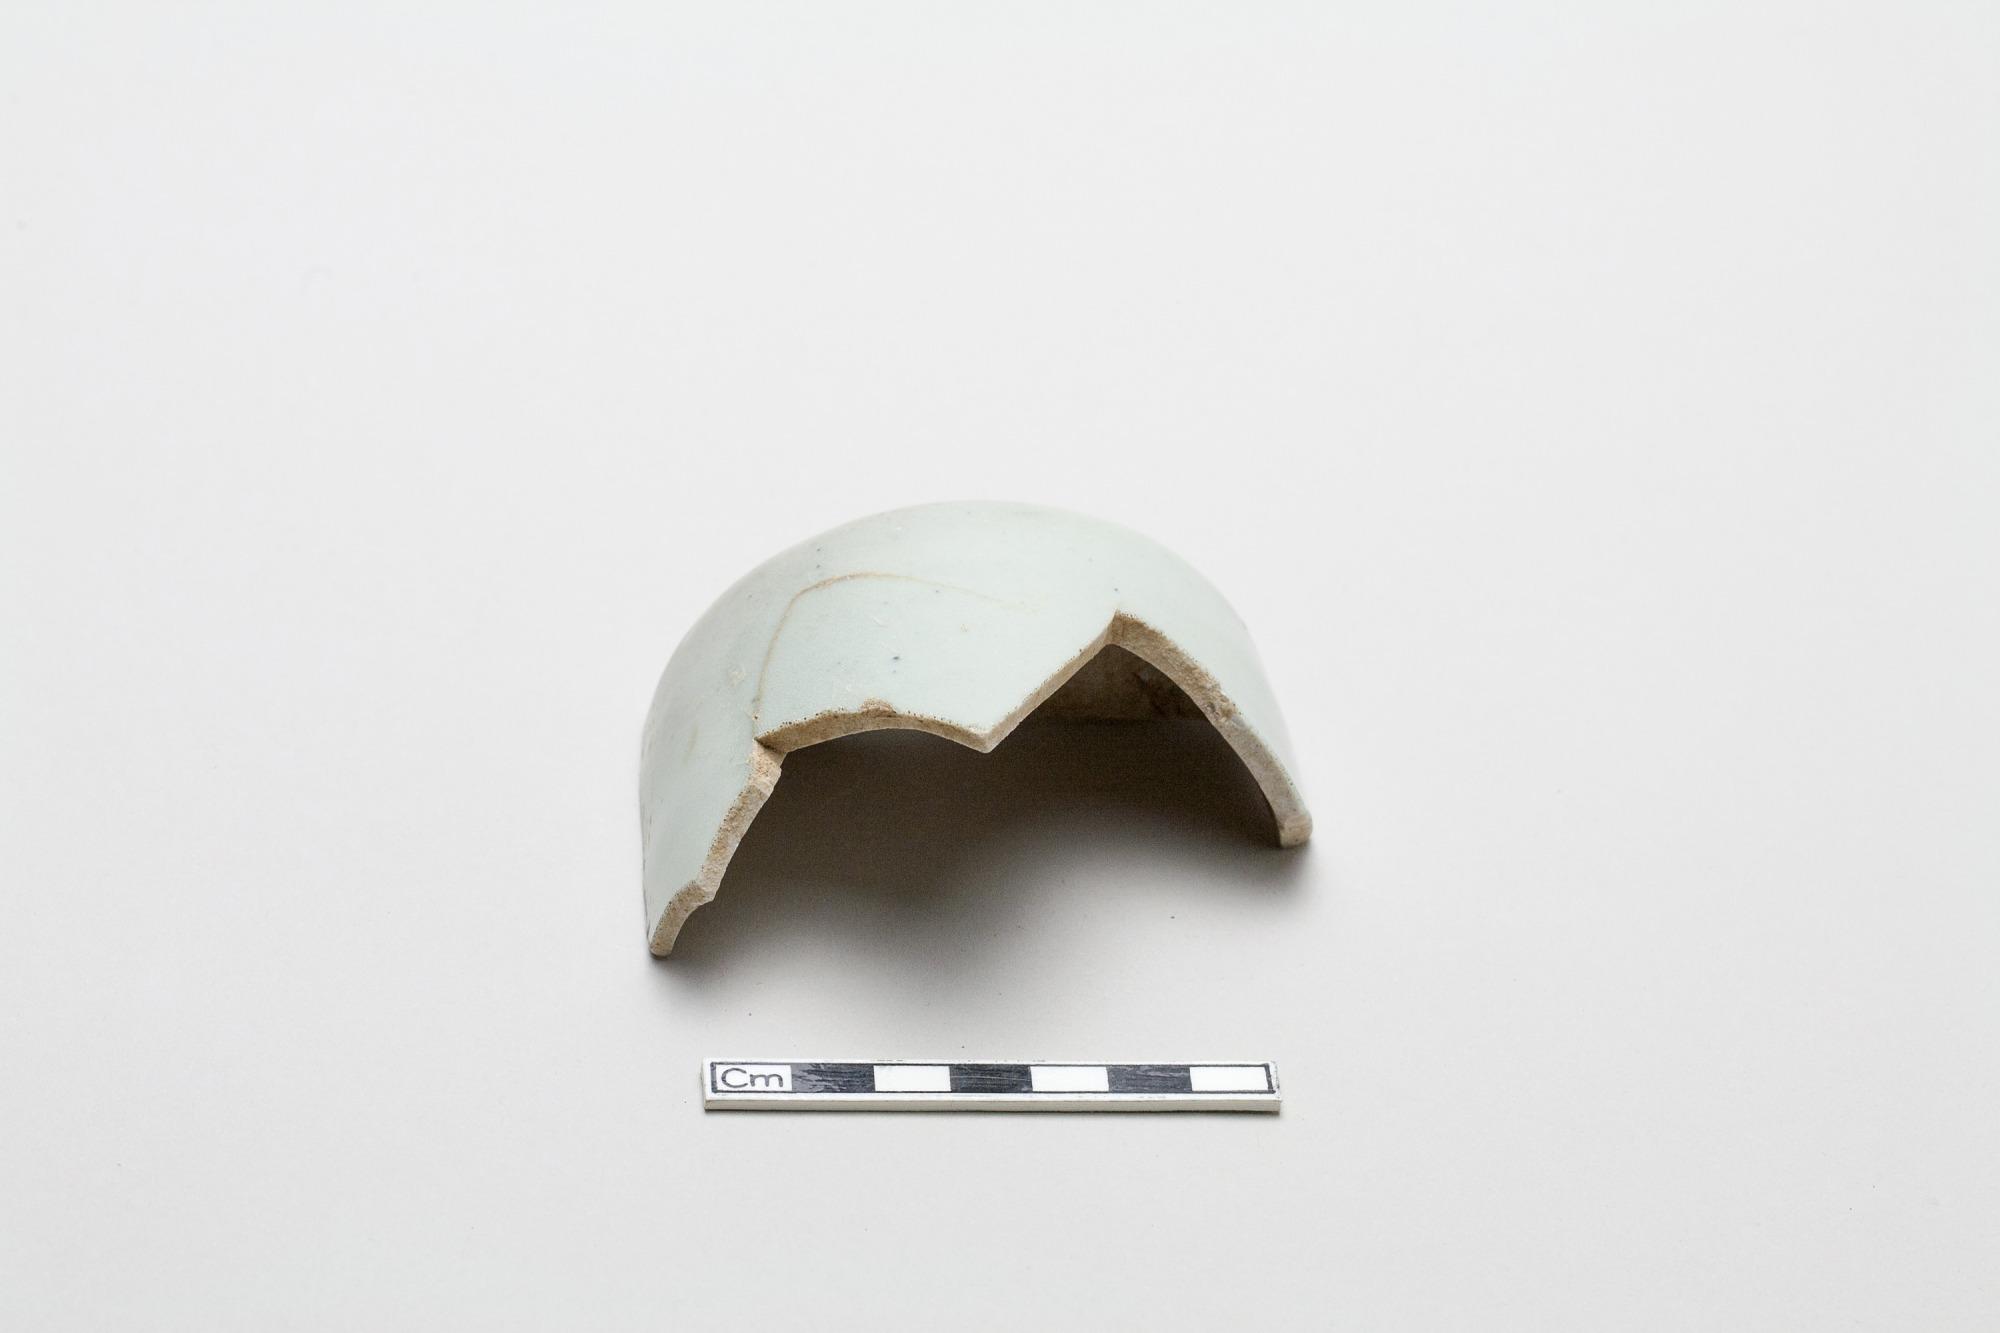 Incense burner, base fragment